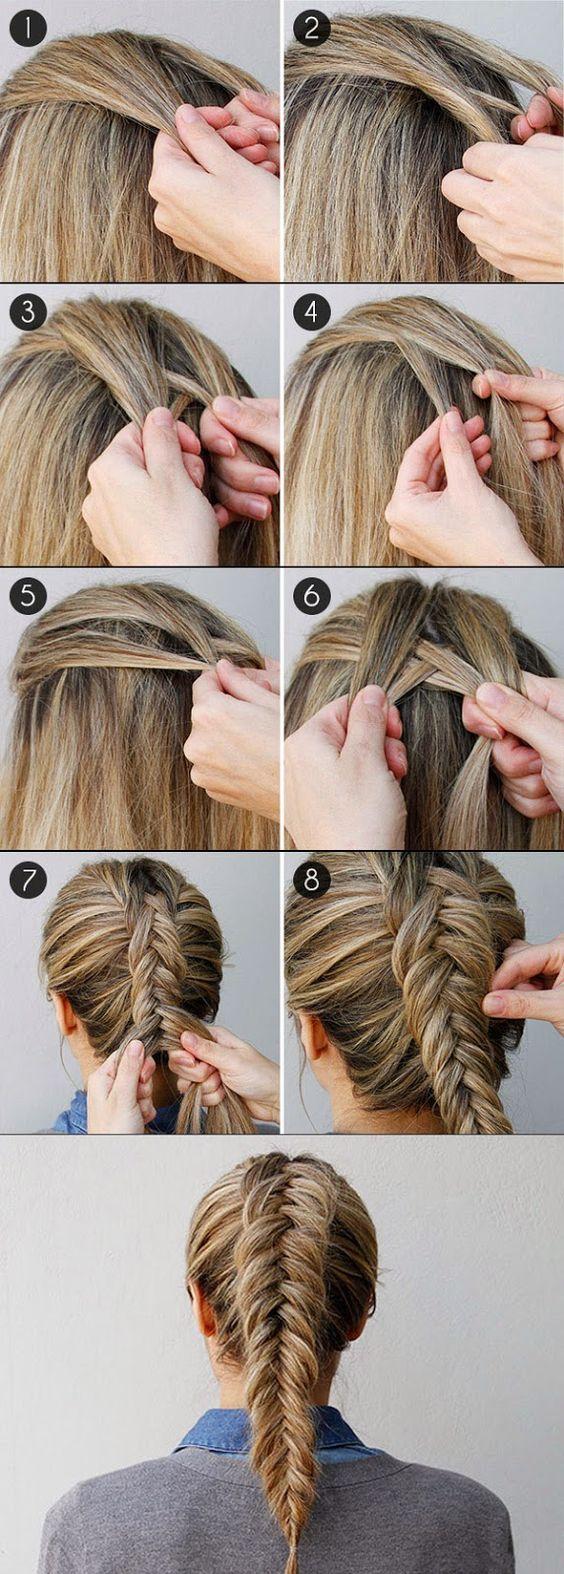 Прическа французская коса пошаговое фото